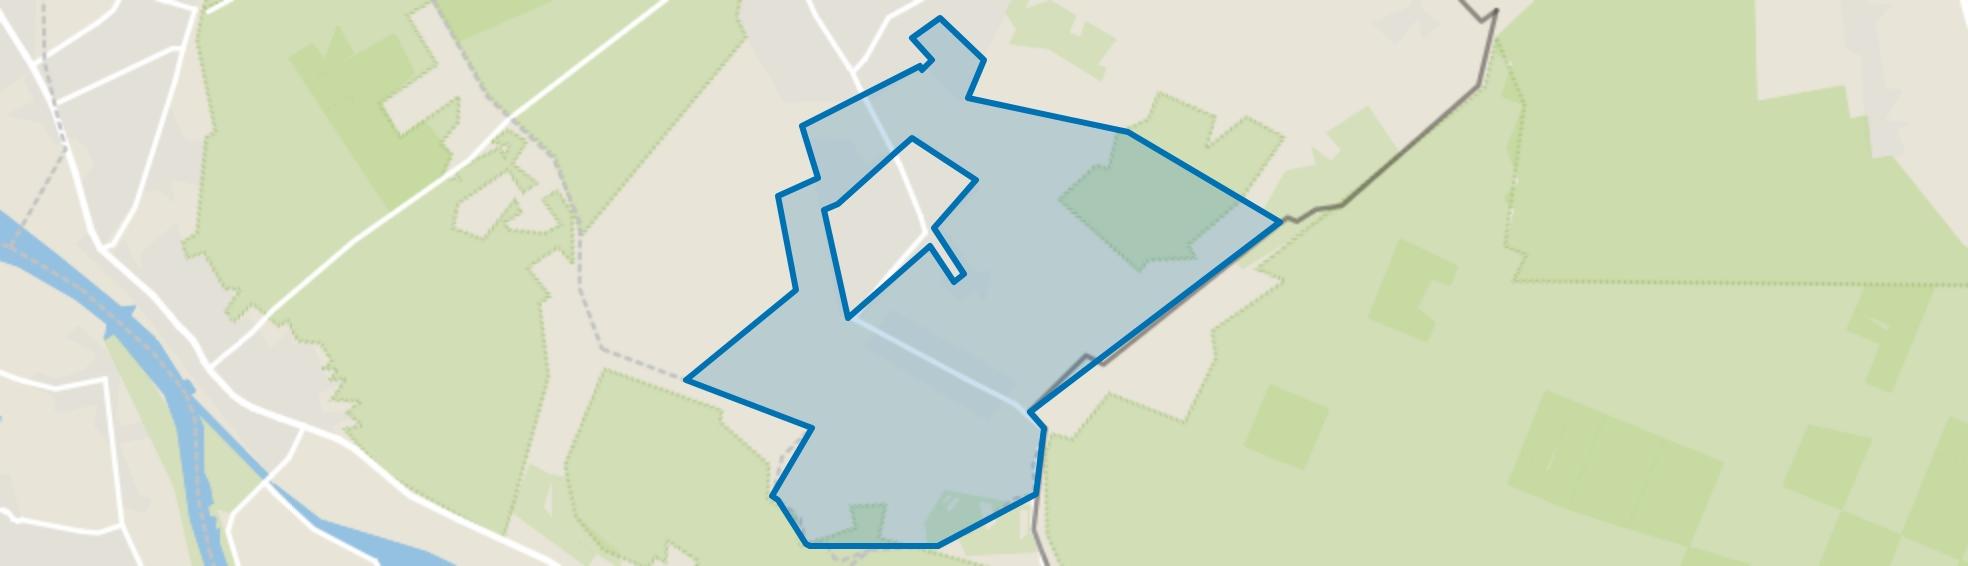 Buitengebied Breedeweg, Groesbeek map